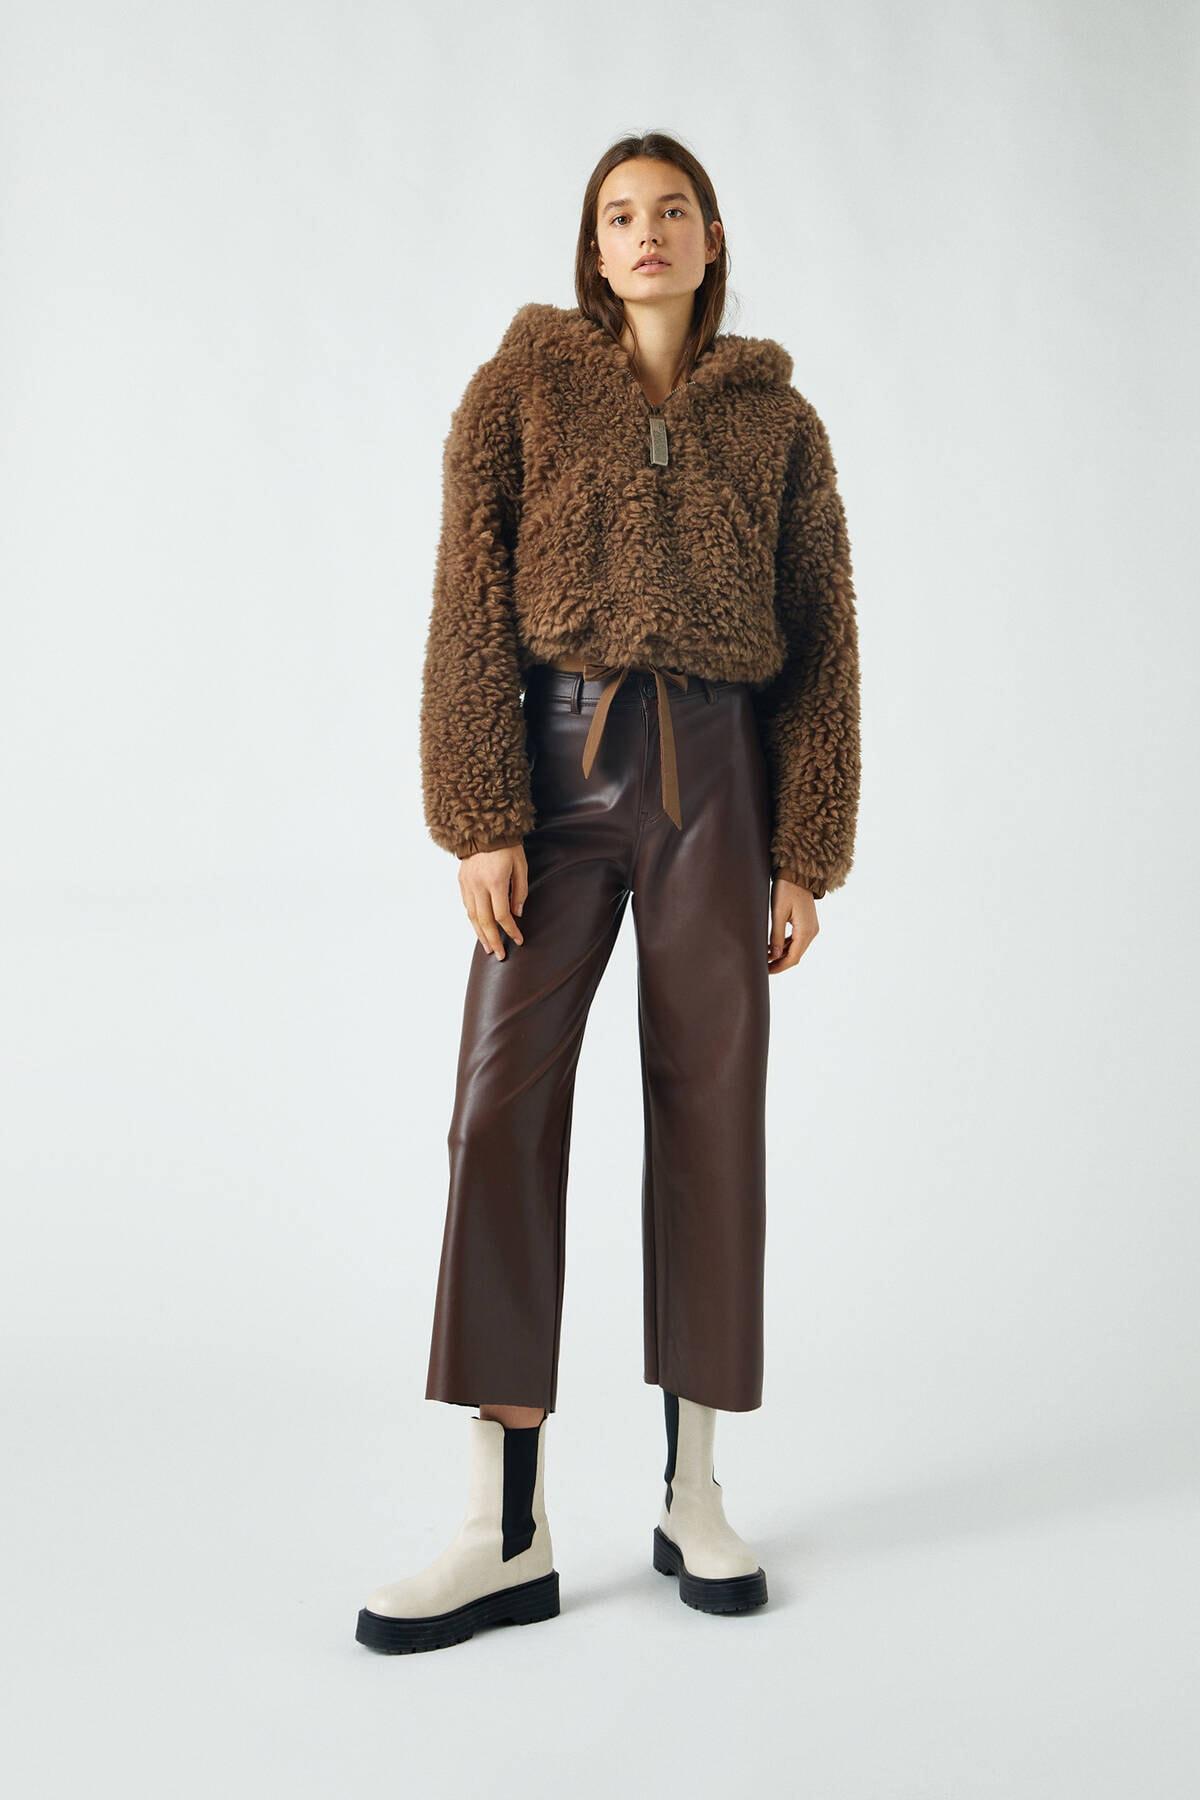 Pull & Bear Kadın Kahverengi Suni Deri Yüksek Bel Pantolon 09672329 1